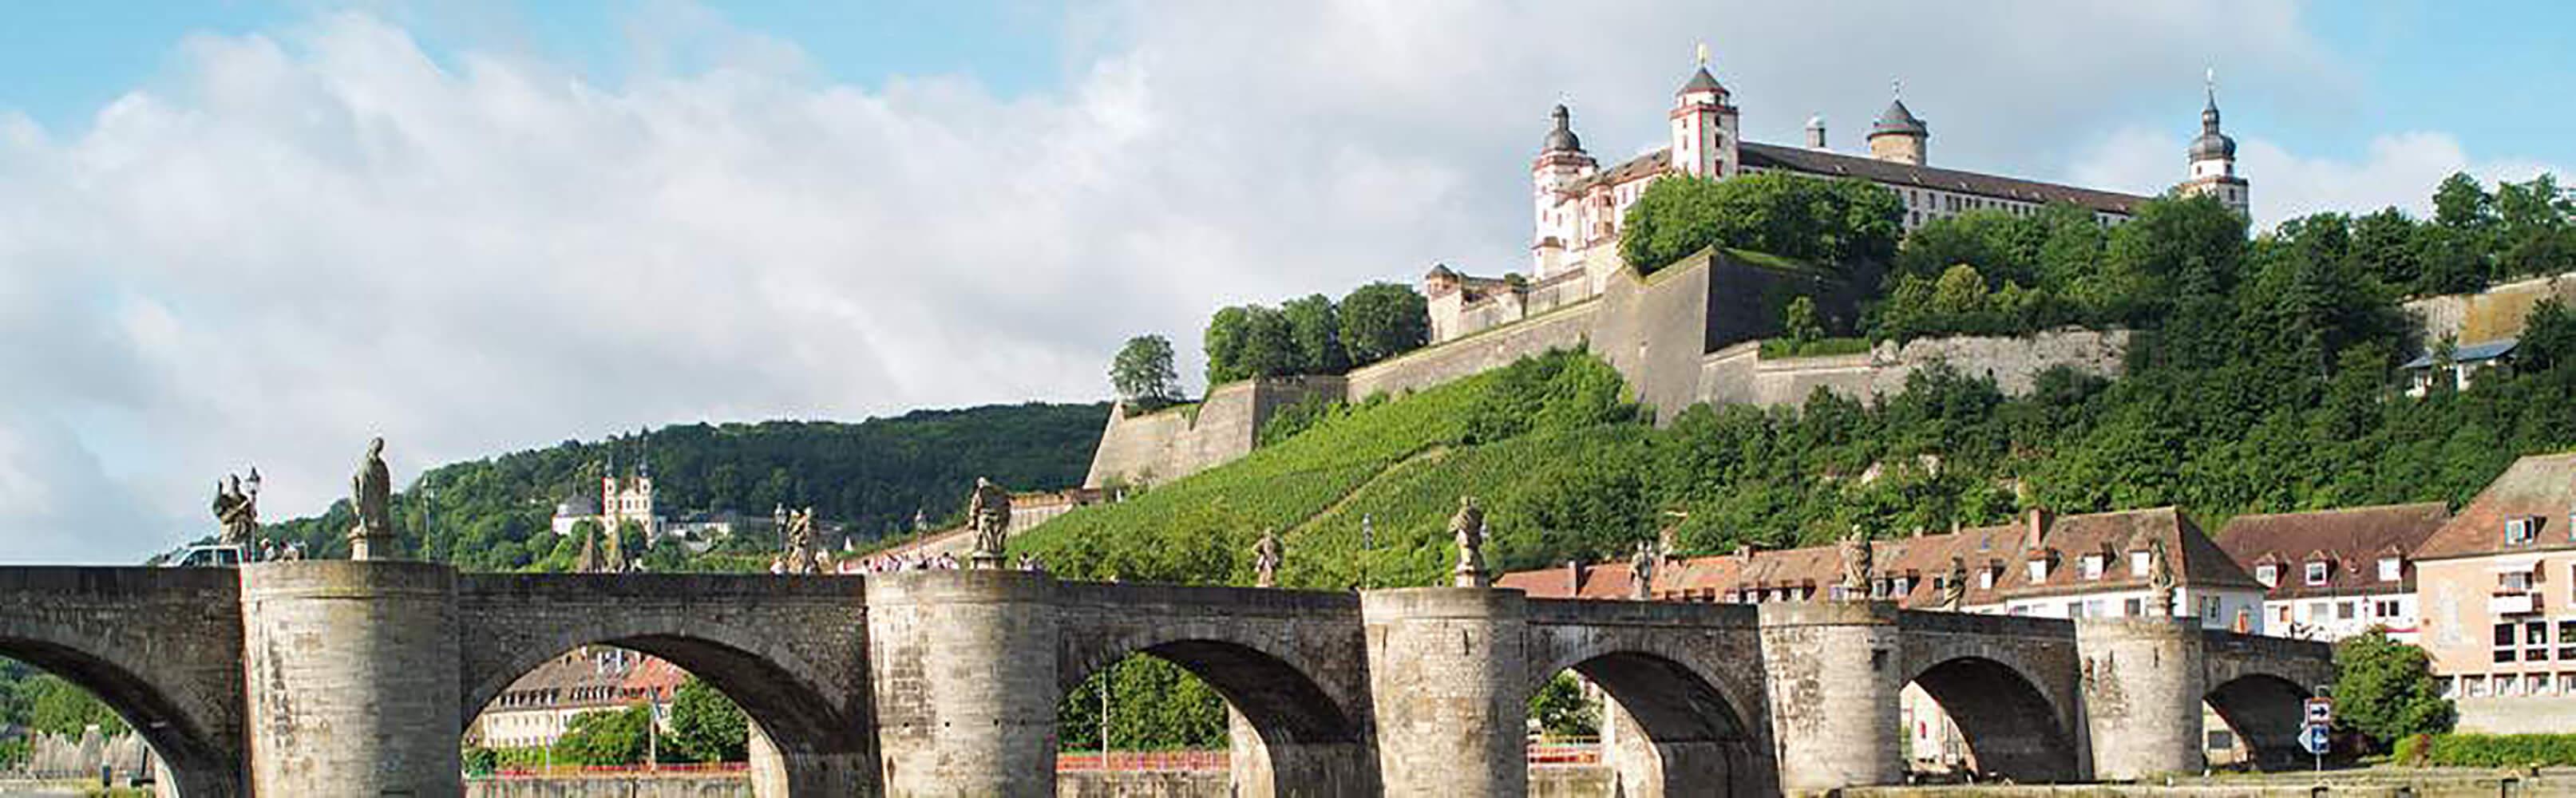 Würzburg - die dynamische Stadt in Unterfranken 1